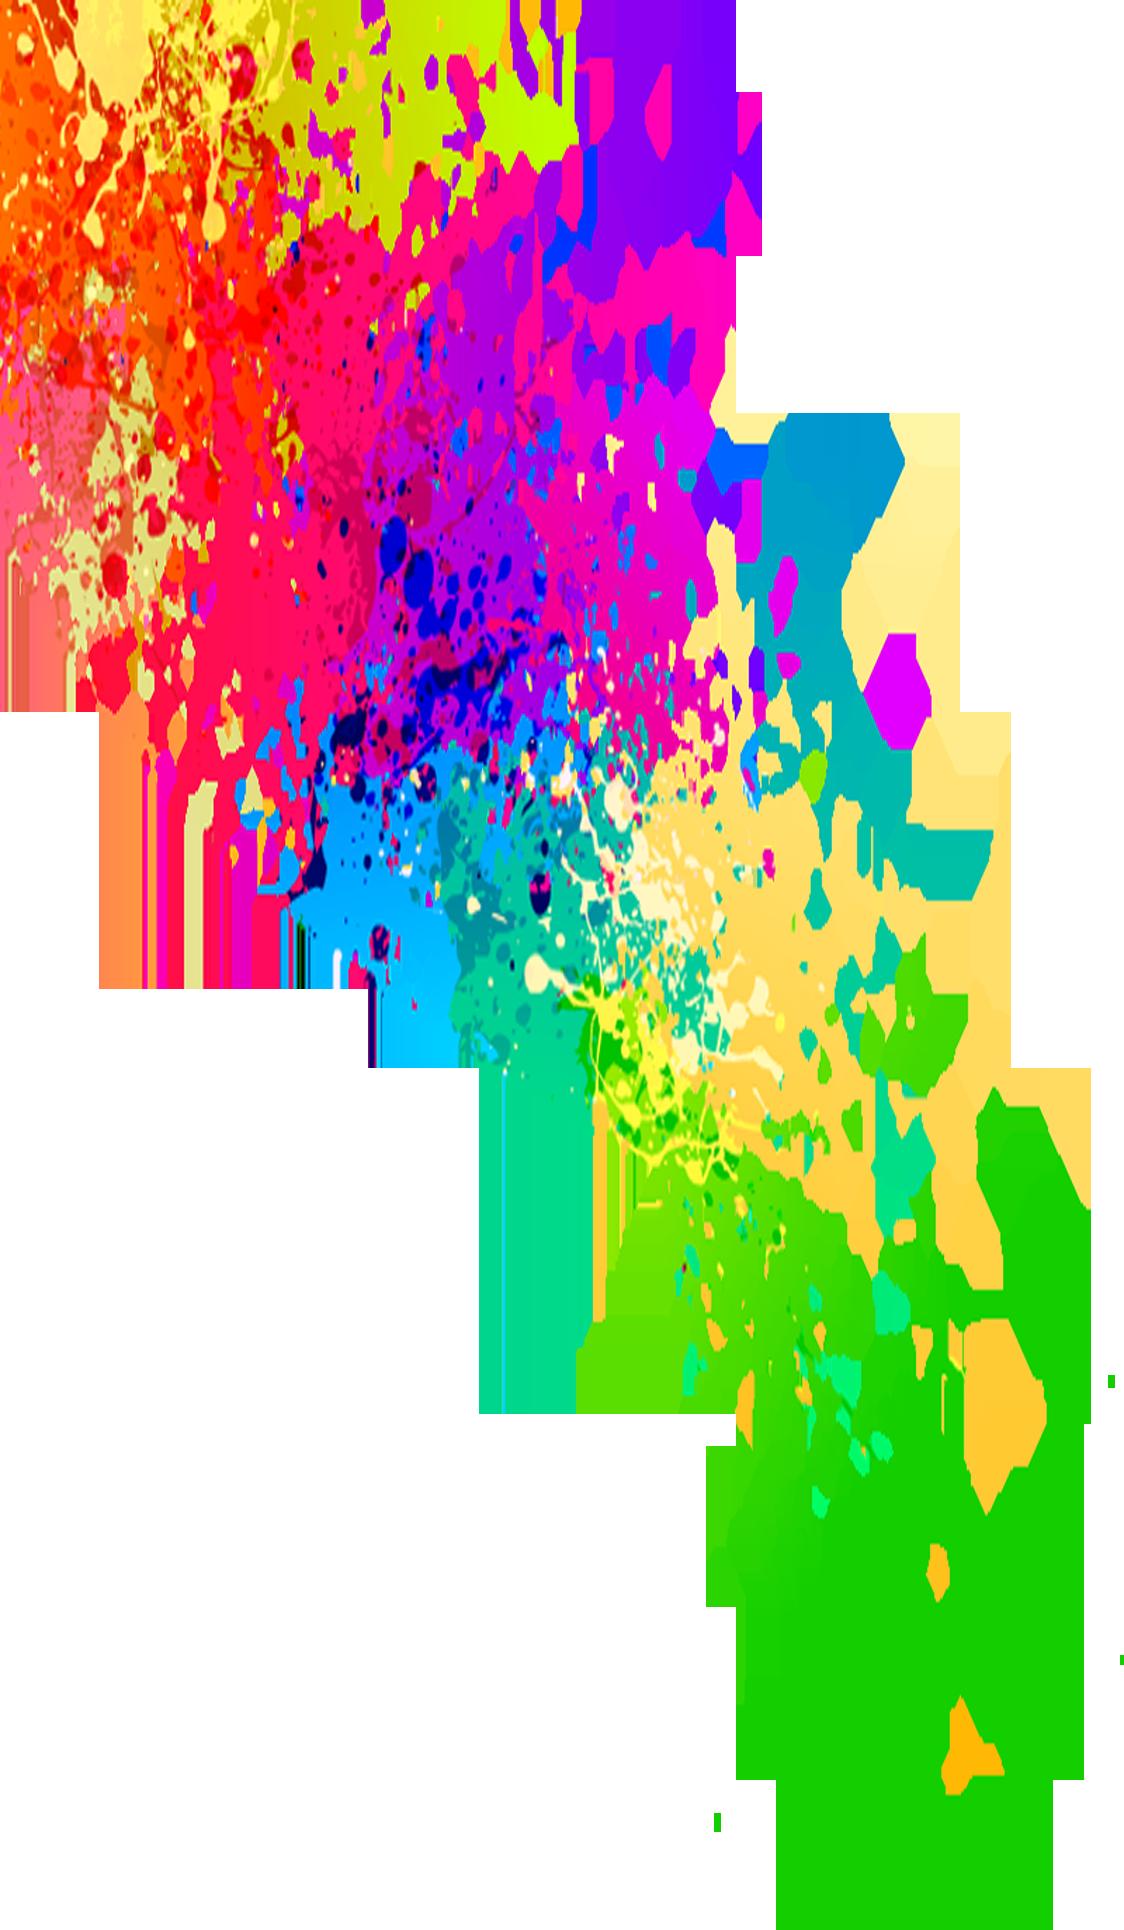 Как сделать потеки краски вшоп